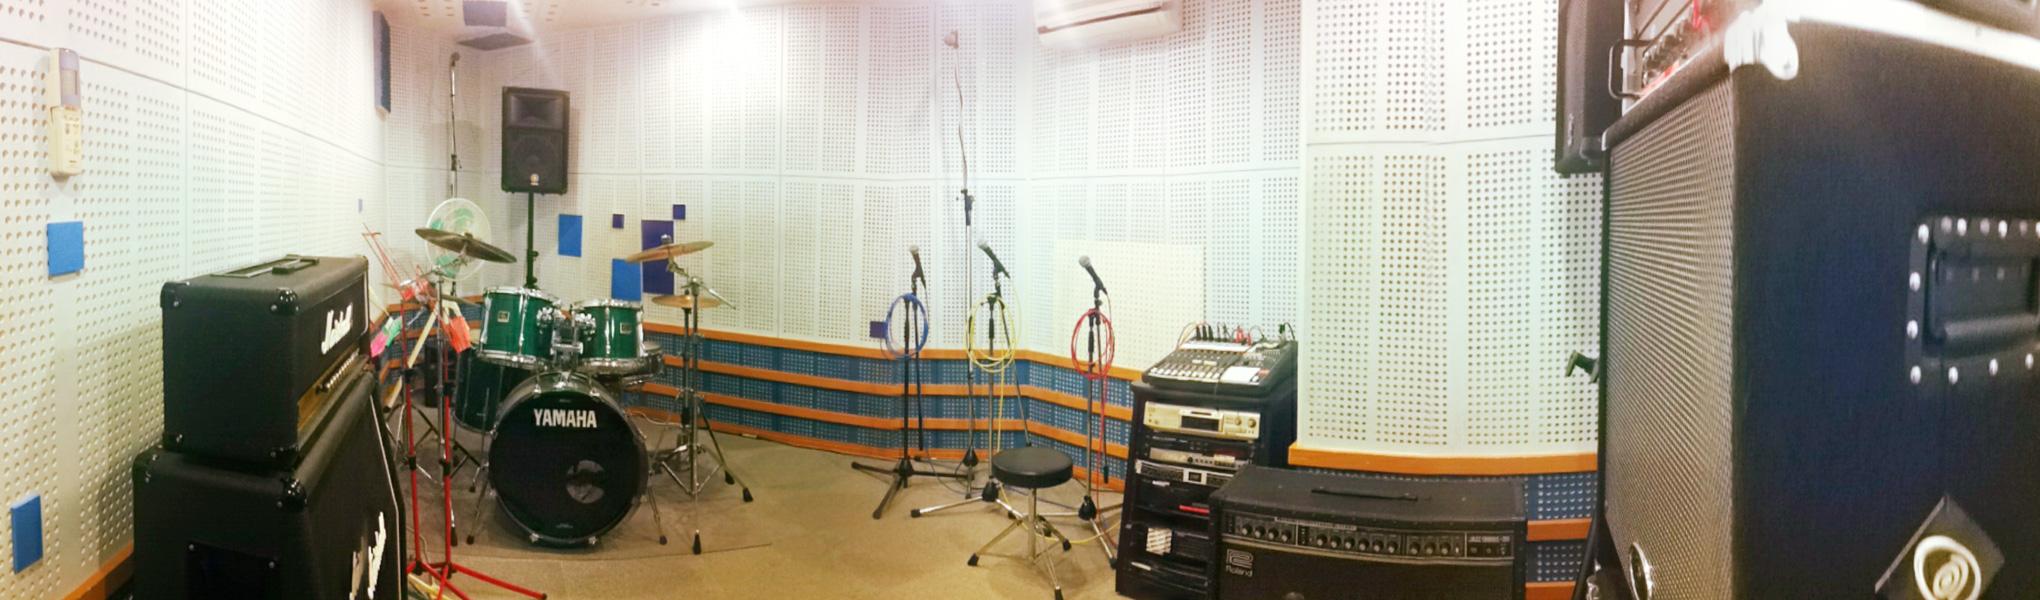 Bスタジオ/パノラマ画像